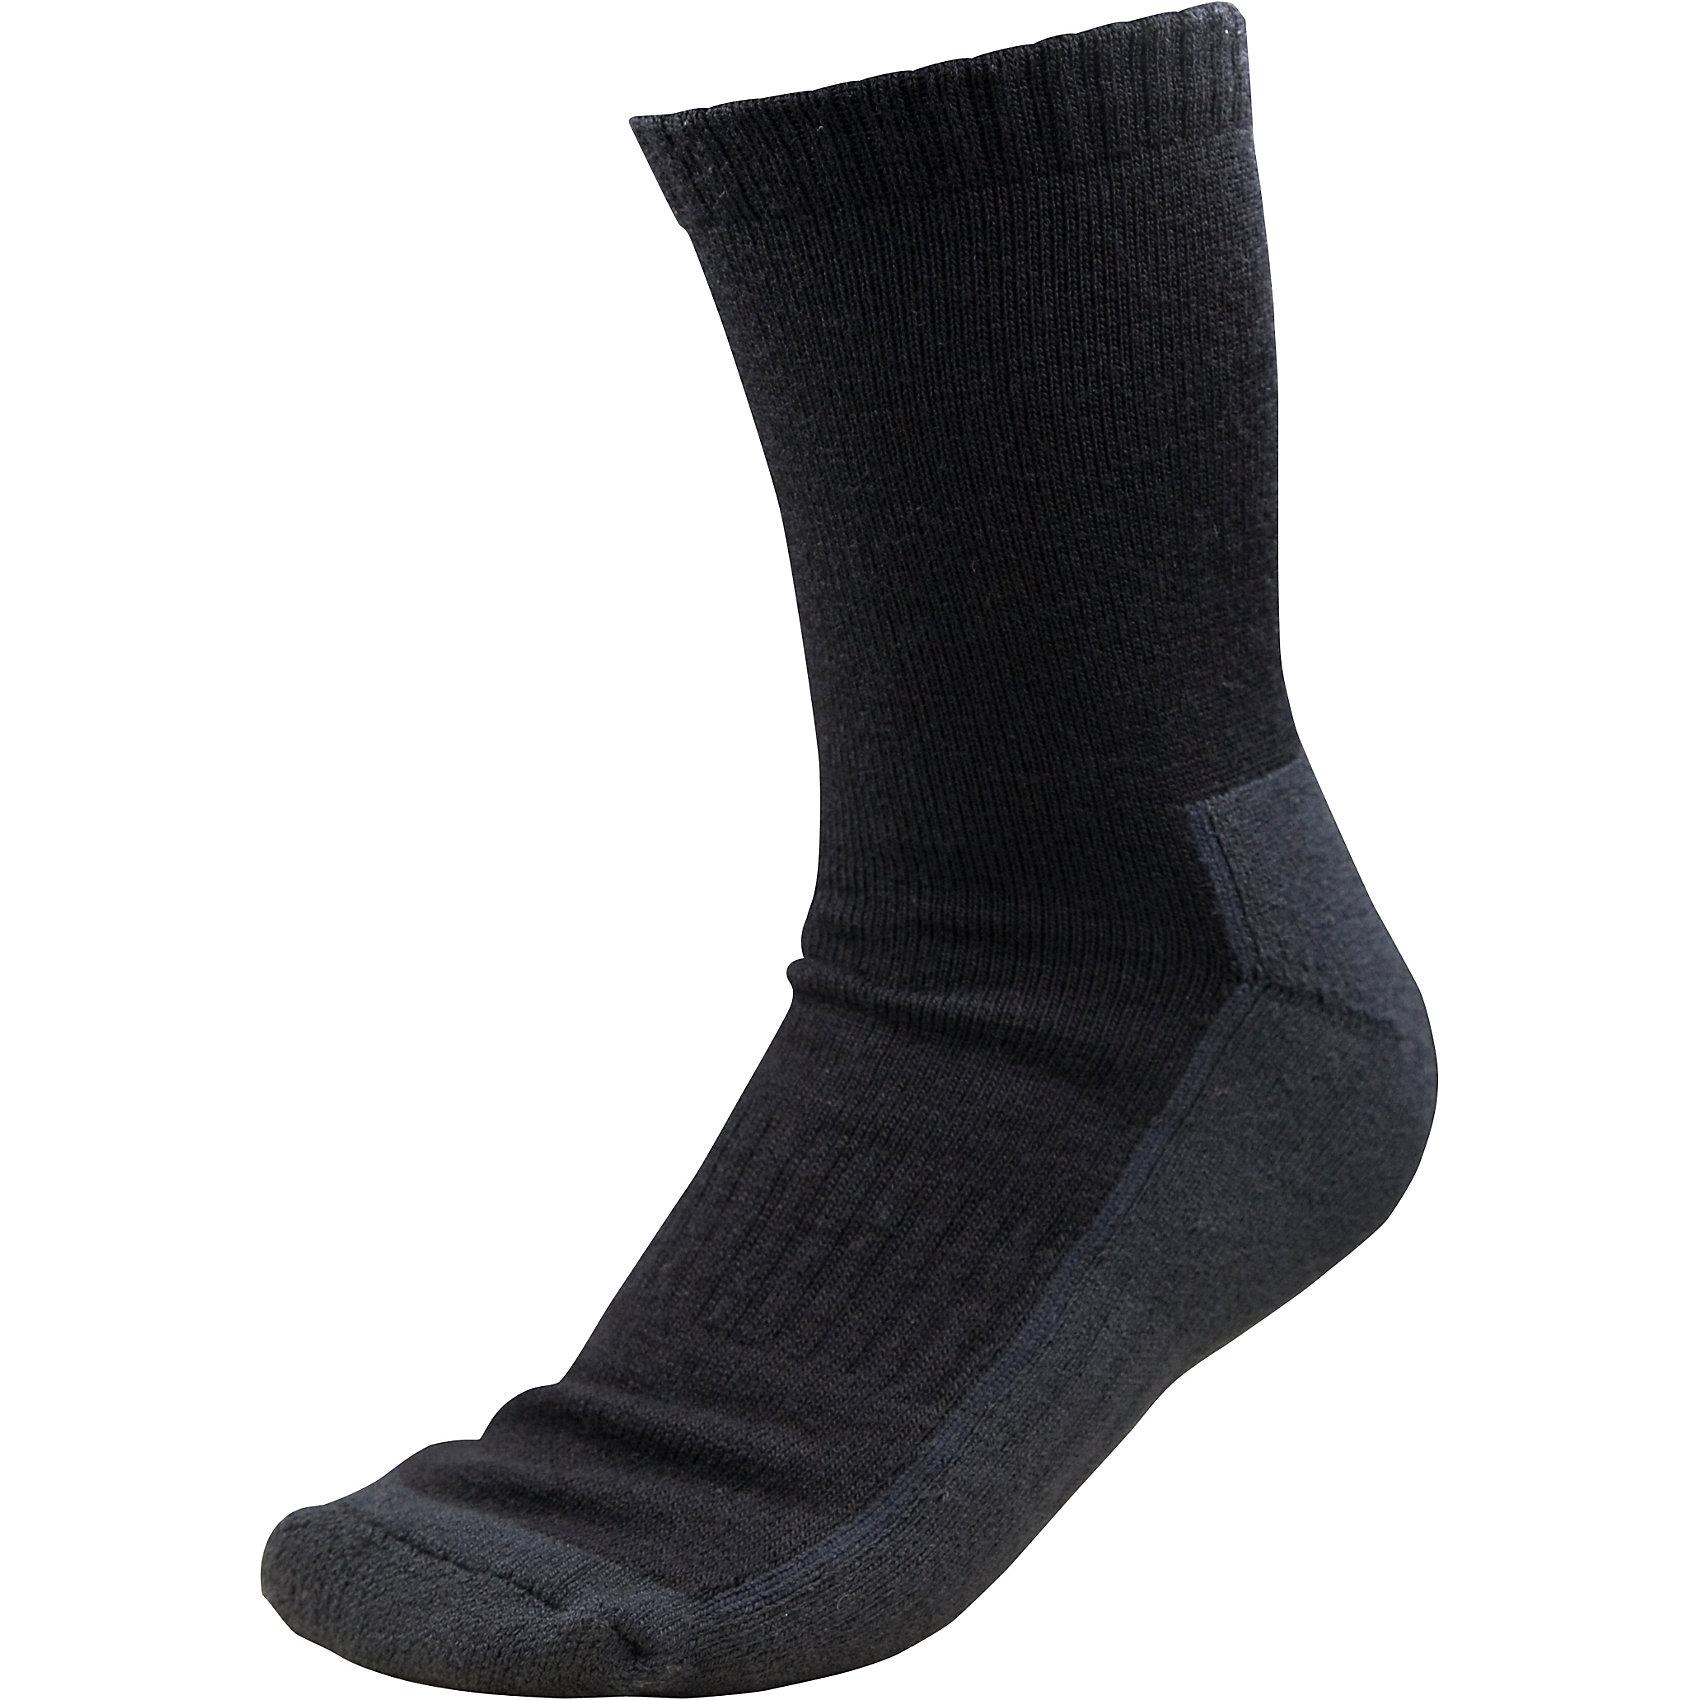 Носки Reise для мальчика ReimaНоски  Reima<br>Носки для детей и подростков. Мягкий теплый футер с внутренней стороны для максимального комфорта. Накладки на ступнях, лодыжках и больших пальцах. Благодаря удлиненной вязаной резинке носок не съезжает. Быстро сохнет и сохраняет тепло. Материал Thermolite для интенсивной физической активности.<br>Уход:<br>0<br>Состав:<br>40% ШЕРСТЬ 48% ПЭ 10% ПА 2% ЭЛ<br><br>Ширина мм: 87<br>Глубина мм: 10<br>Высота мм: 105<br>Вес г: 115<br>Цвет: черный<br>Возраст от месяцев: 96<br>Возраст до месяцев: 120<br>Пол: Мужской<br>Возраст: Детский<br>Размер: 34,30,26,38<br>SKU: 4774950